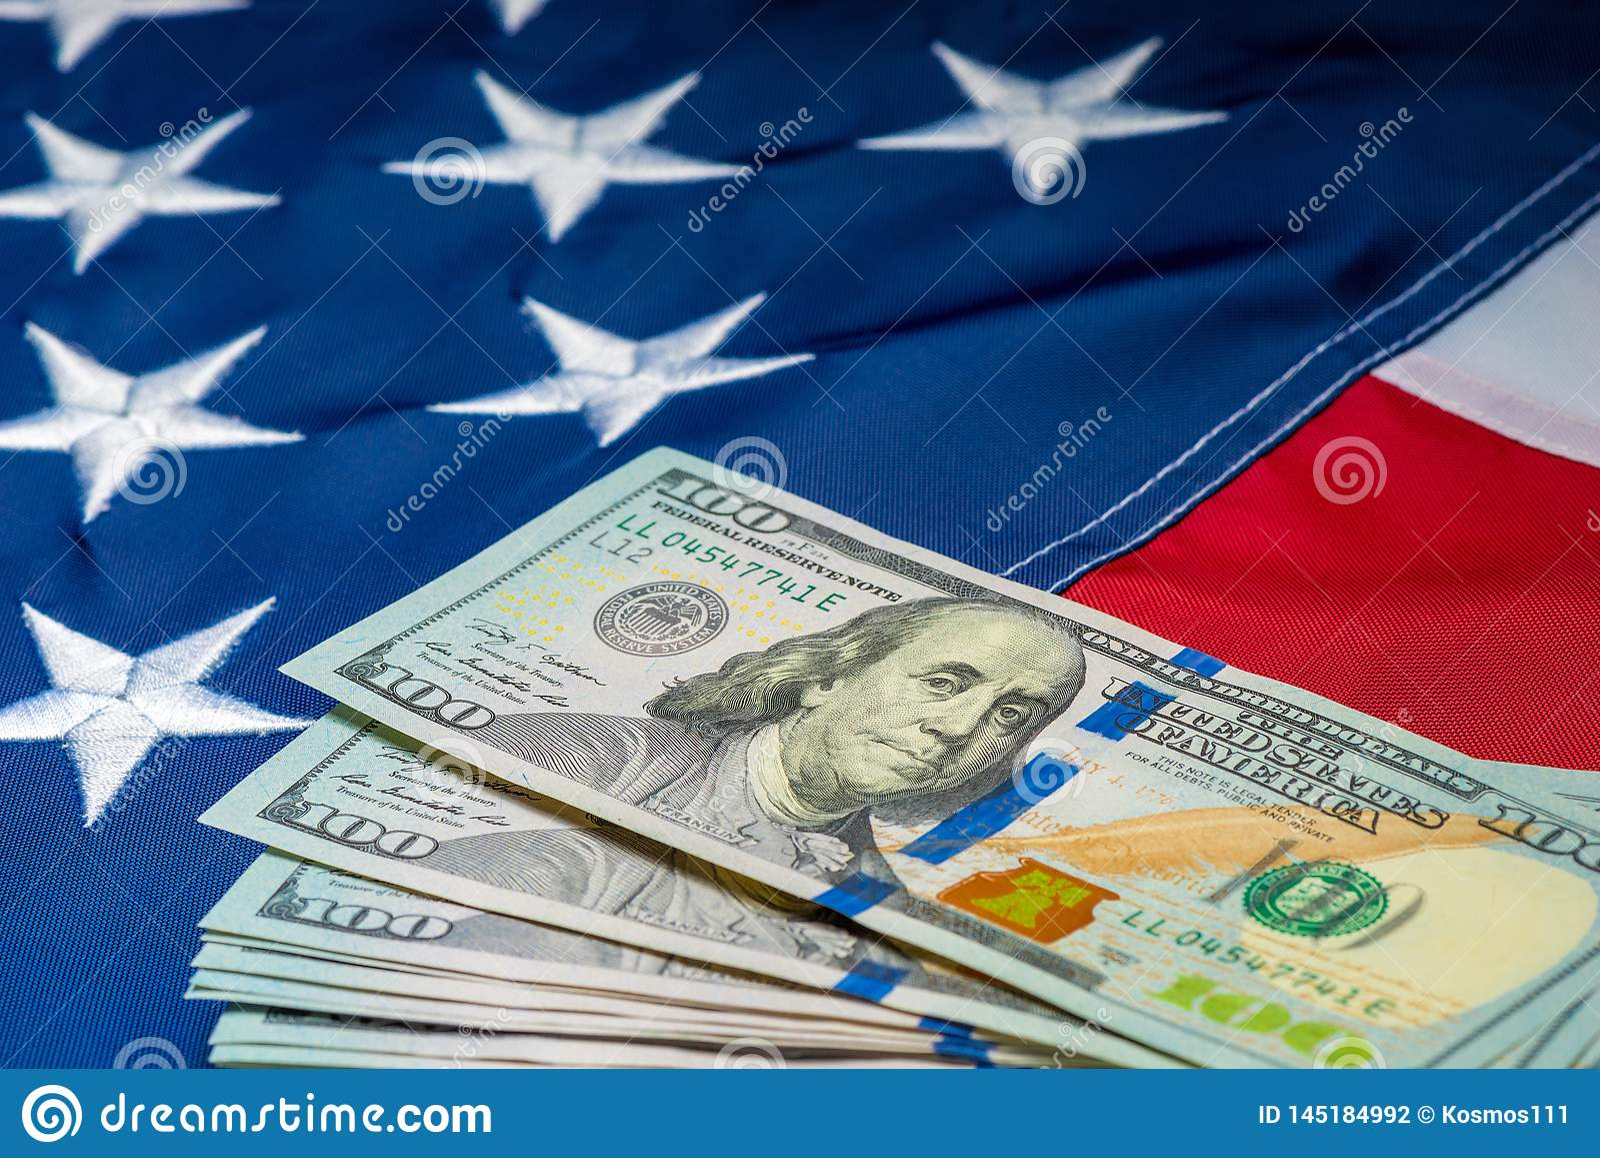 πολλά χρήματα 100 δολάρια στο υπόβαθρο της αμερικανικής σημαίας